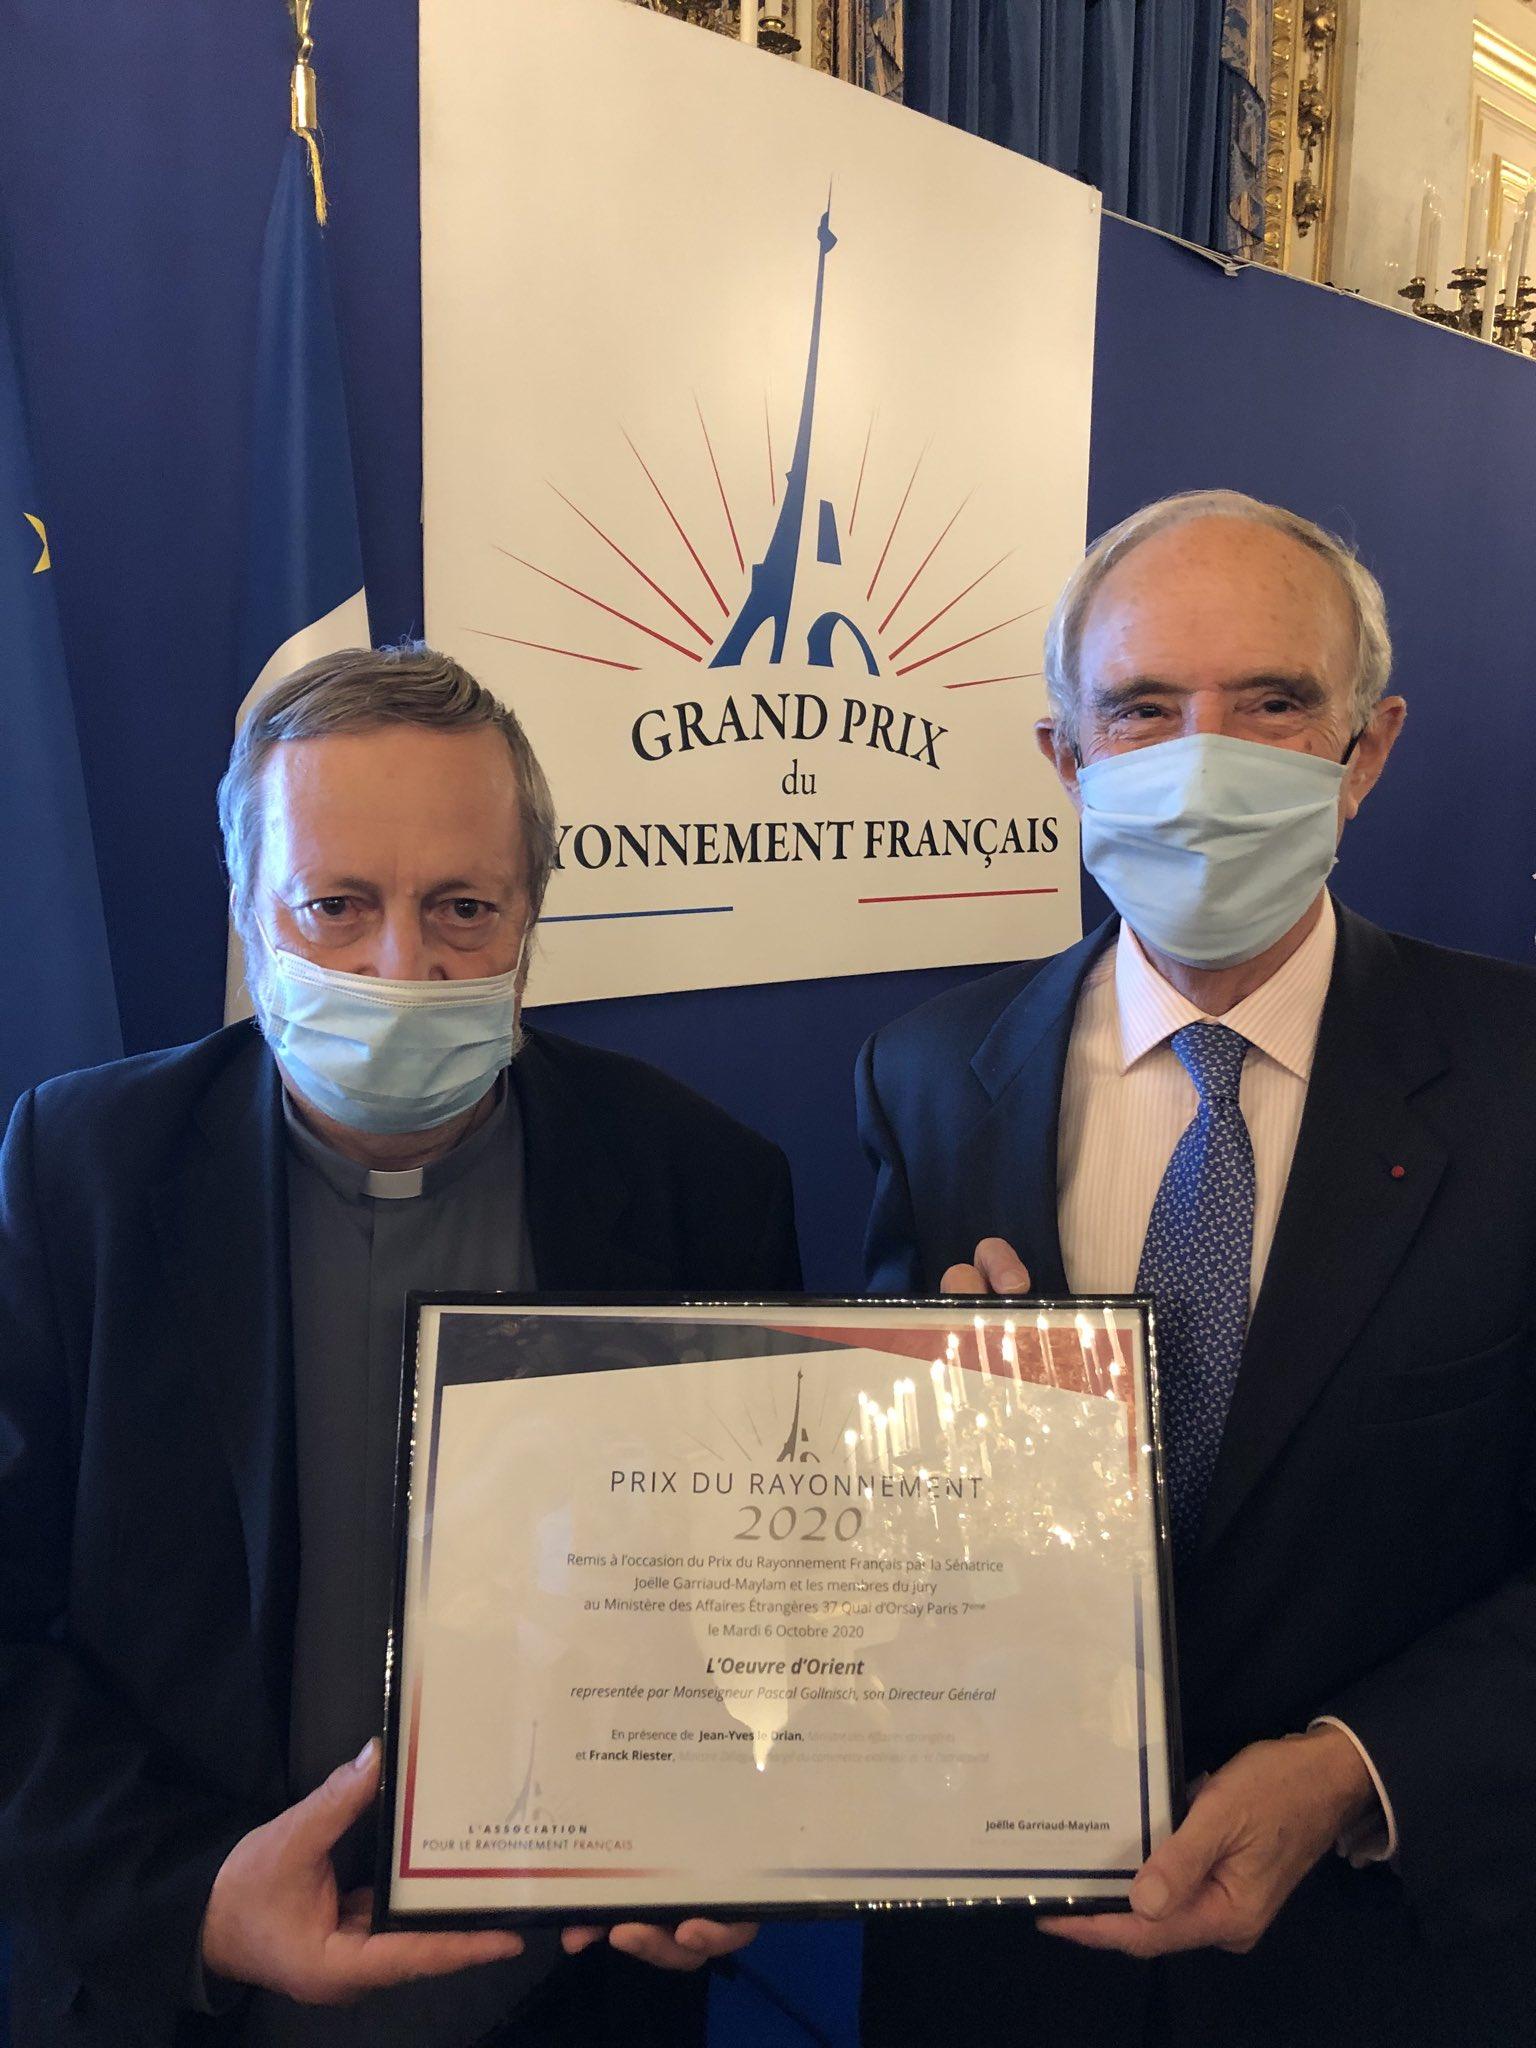 Remise du Prix du Rayonnement Français à l'Oeuvre d'Orient